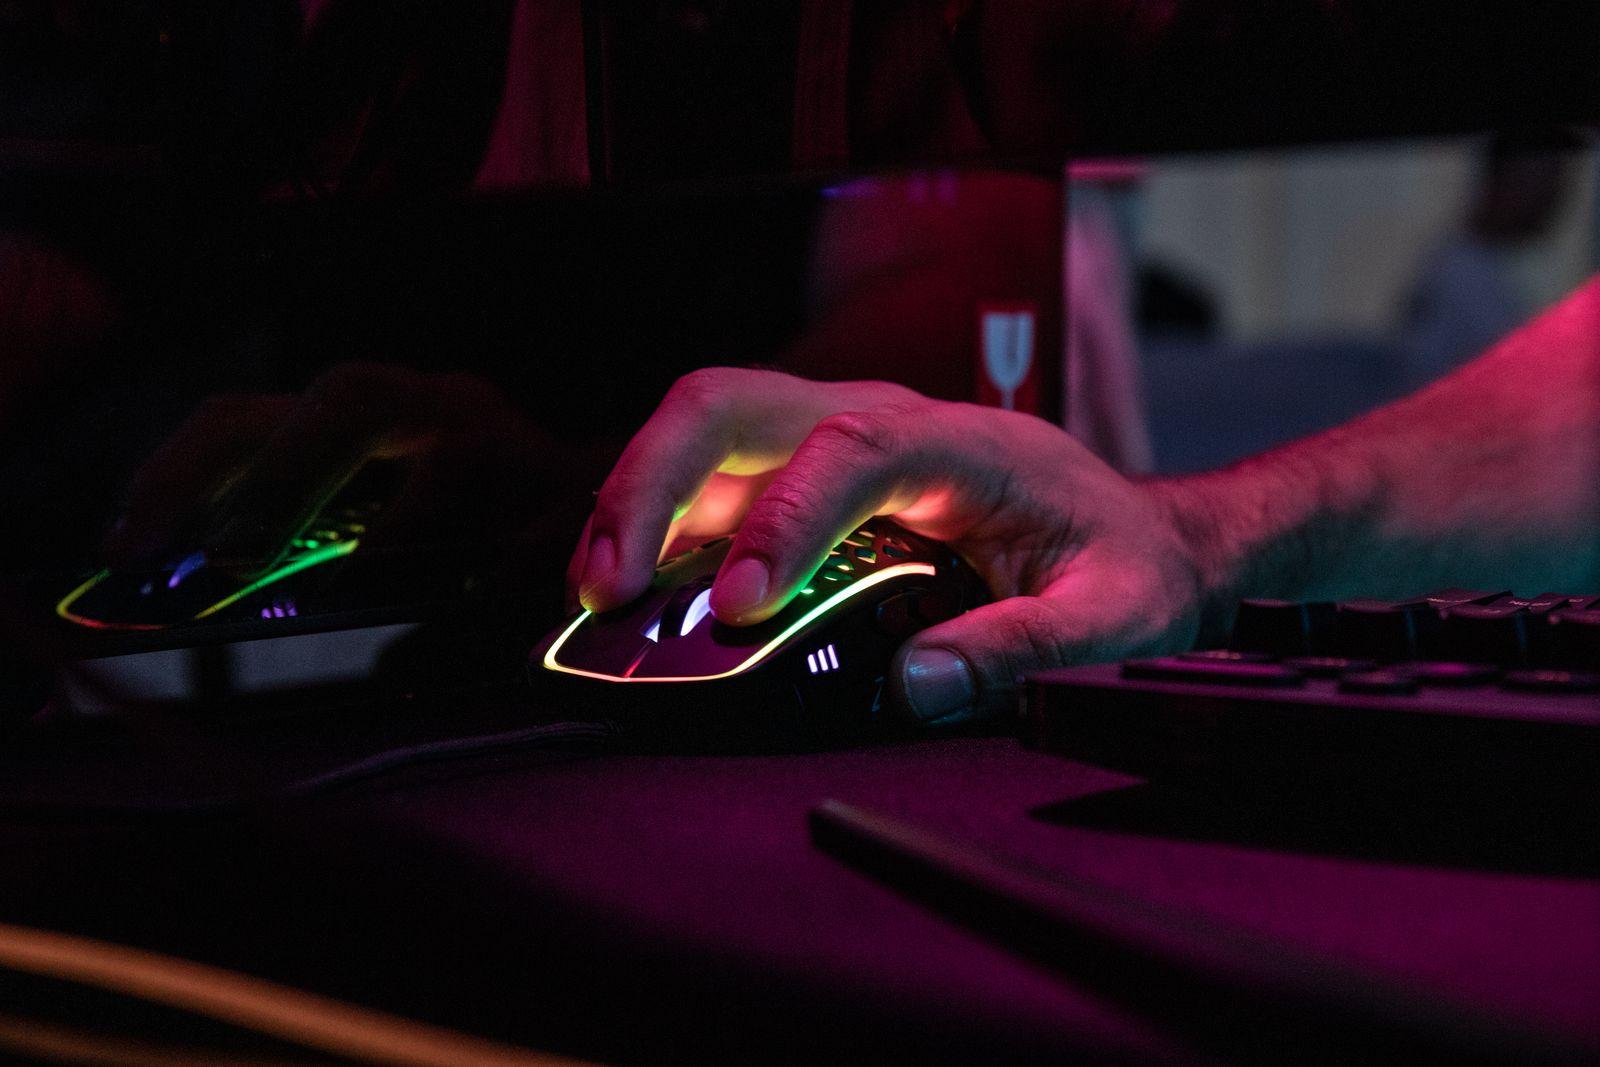 Recensione Zephyr Gaming Mouse, stile Zerg con raffreddamento incorporato